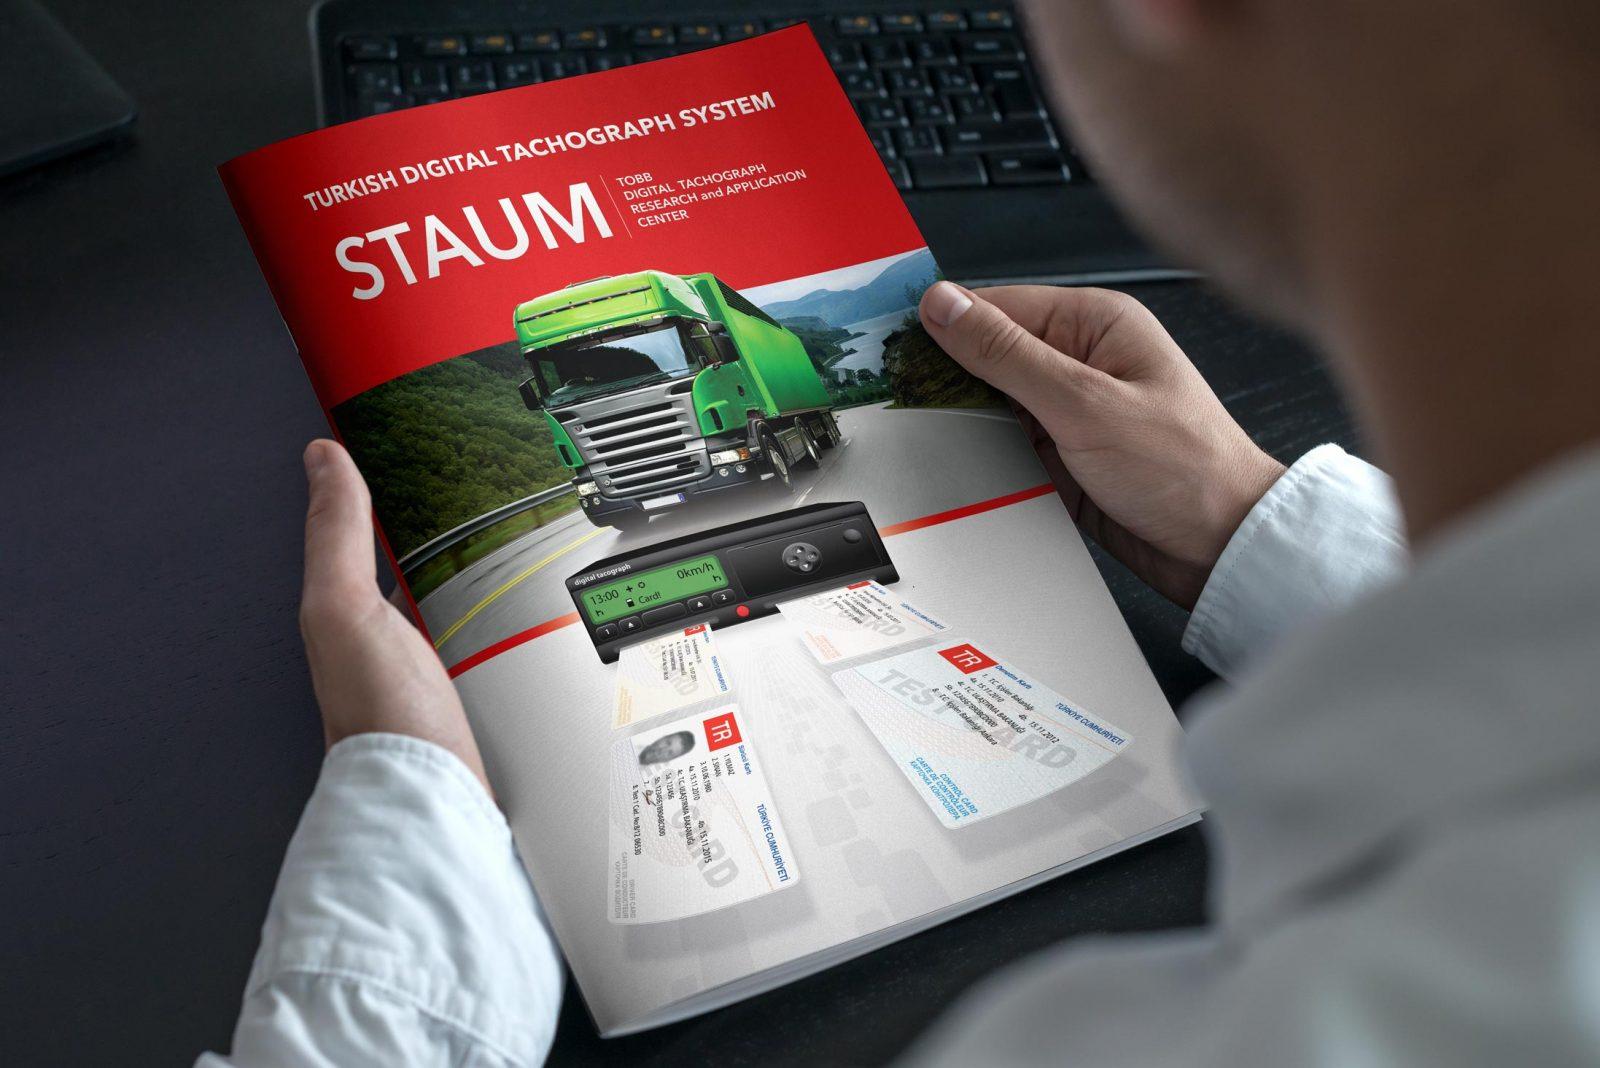 türktrust staum brosur tasarımı 01